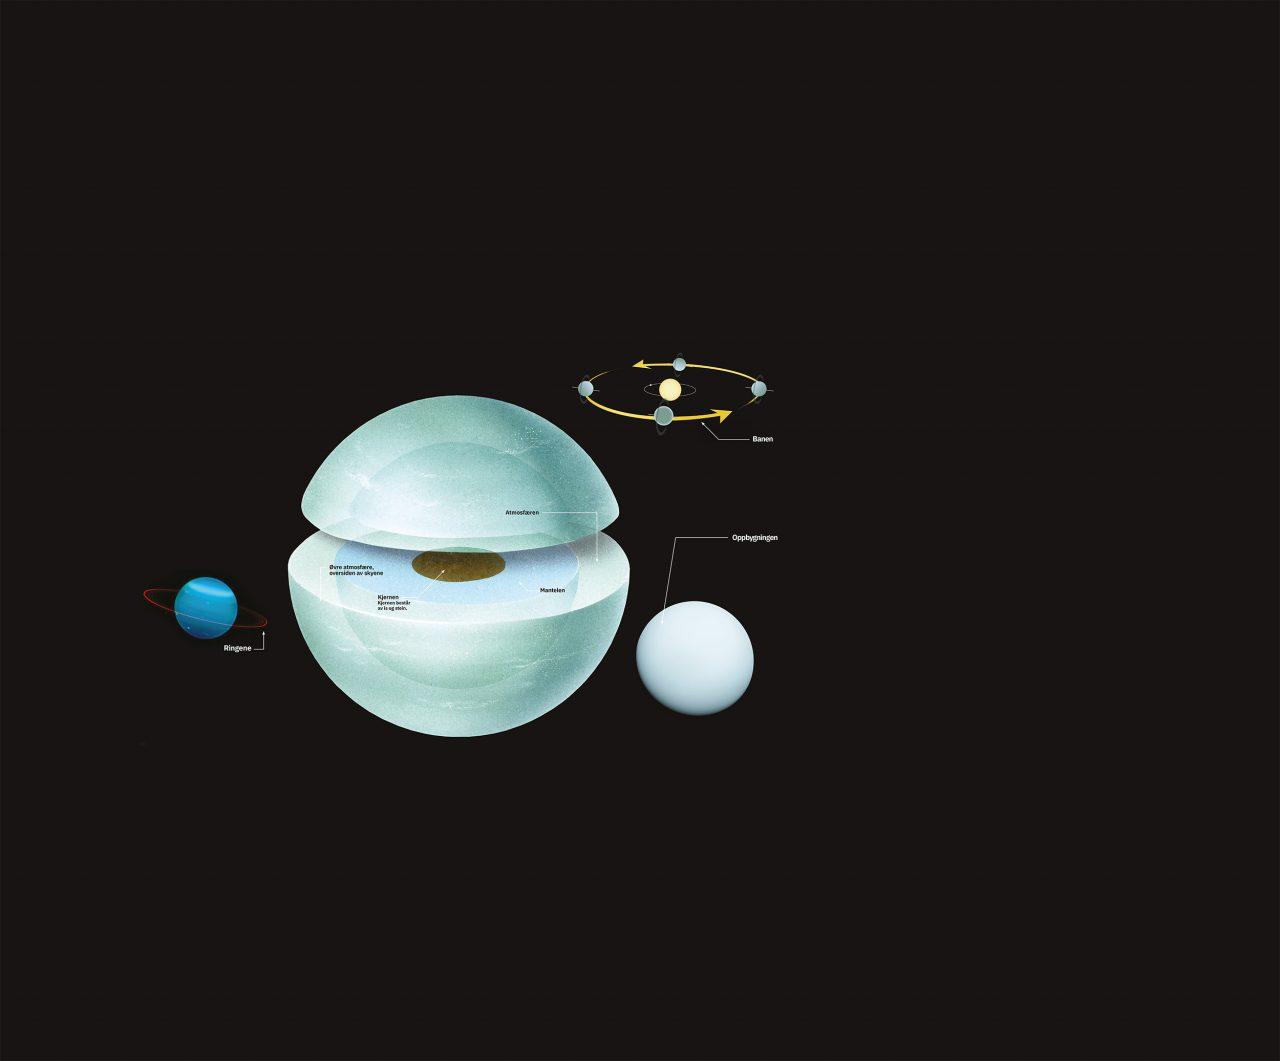 Illustrasjon av hva Uranus består av